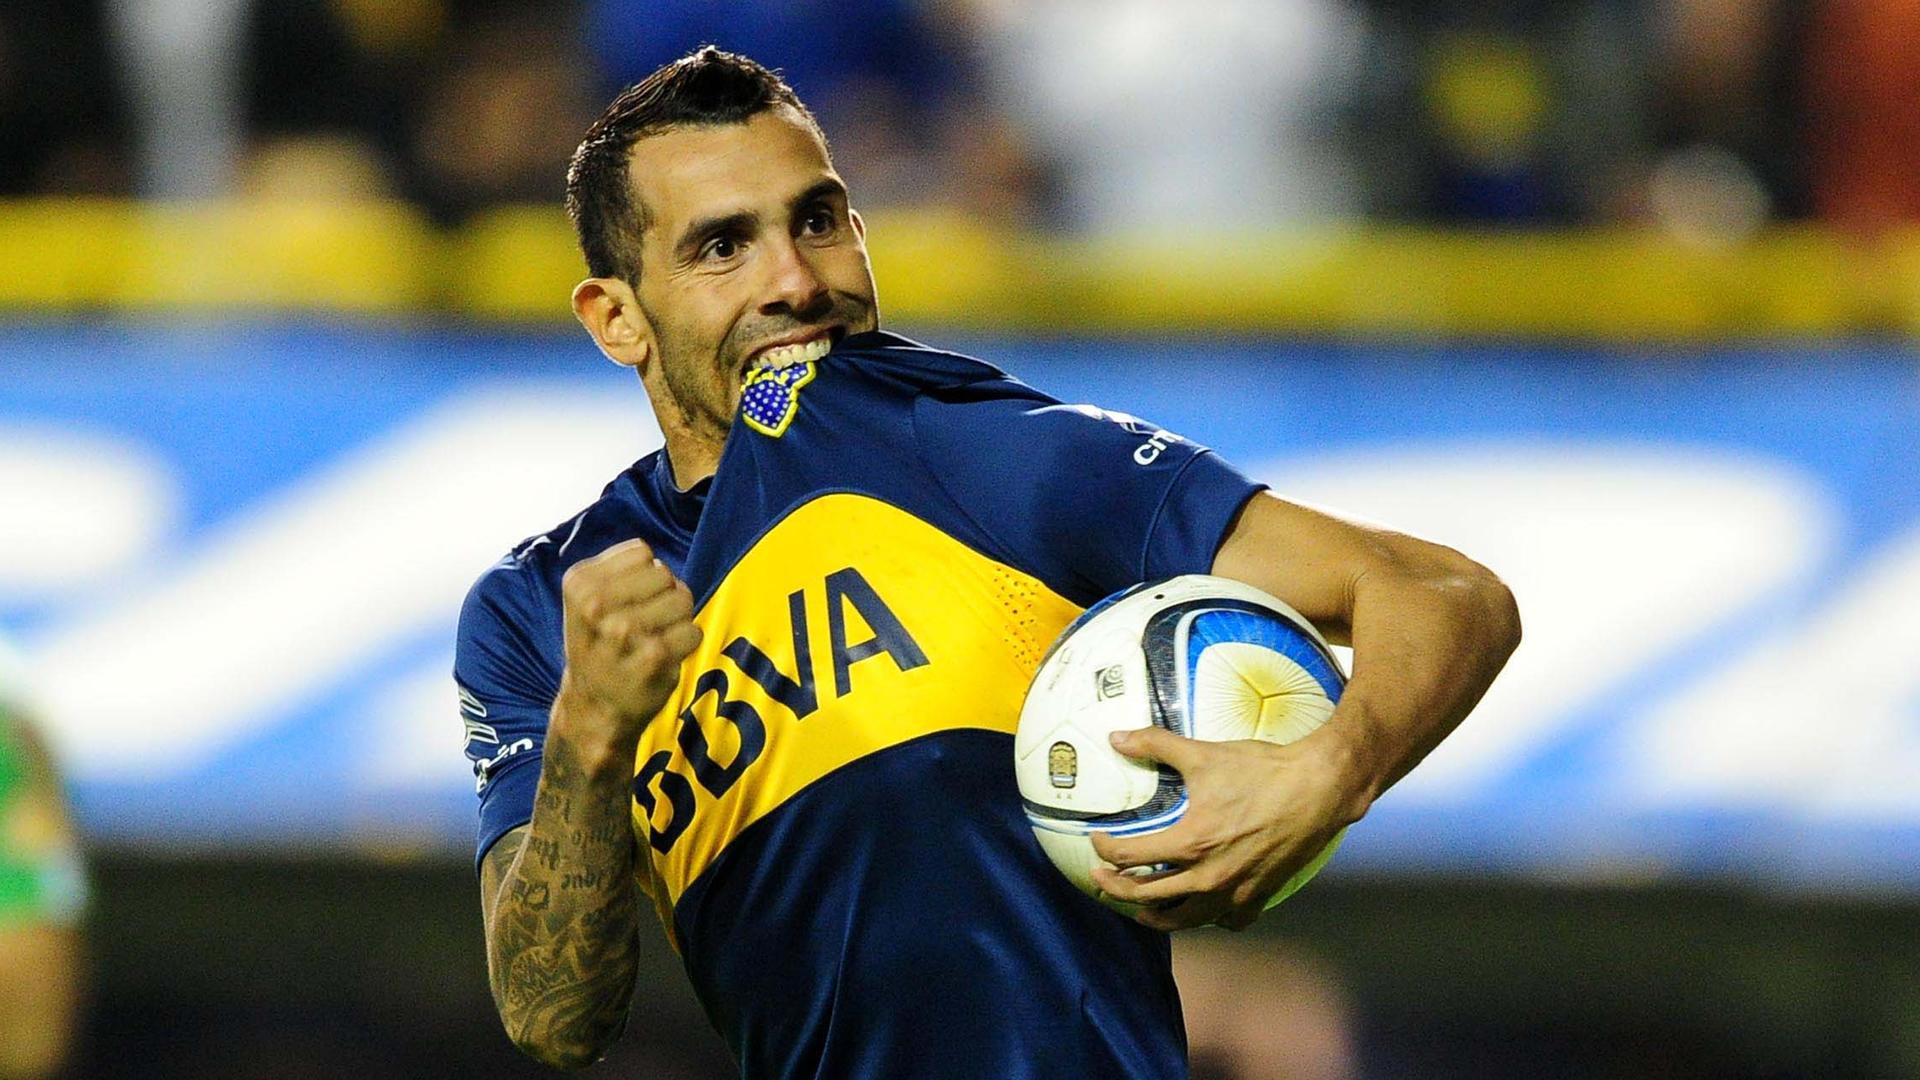 [Titulo N°53] Hagamos TOP a Boca Jrs Campeón de la Argentina